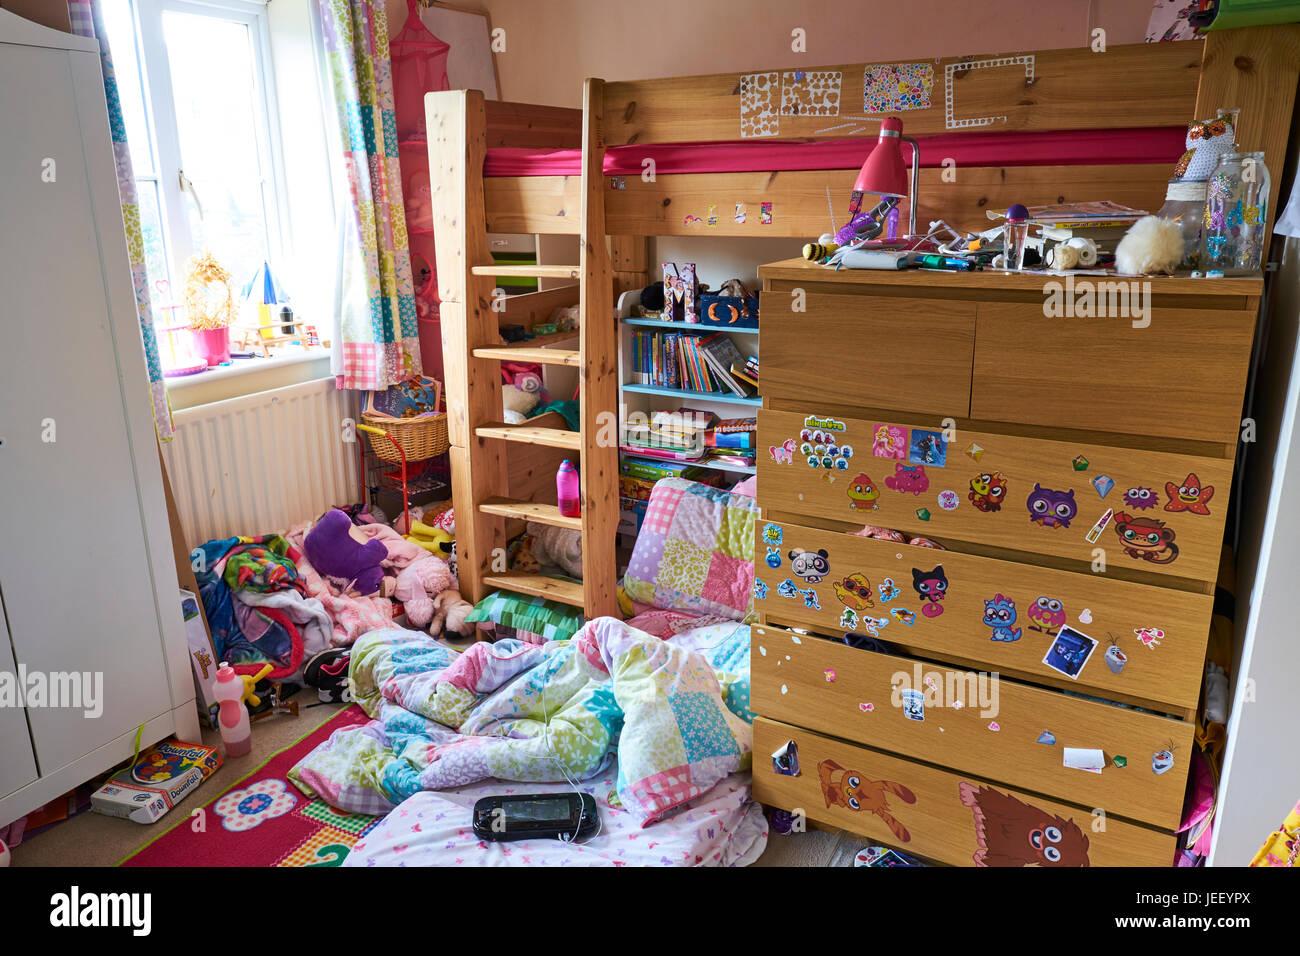 Camere Da Letto Giovani : Le giovani ragazze sudicia camera da letto foto immagine stock